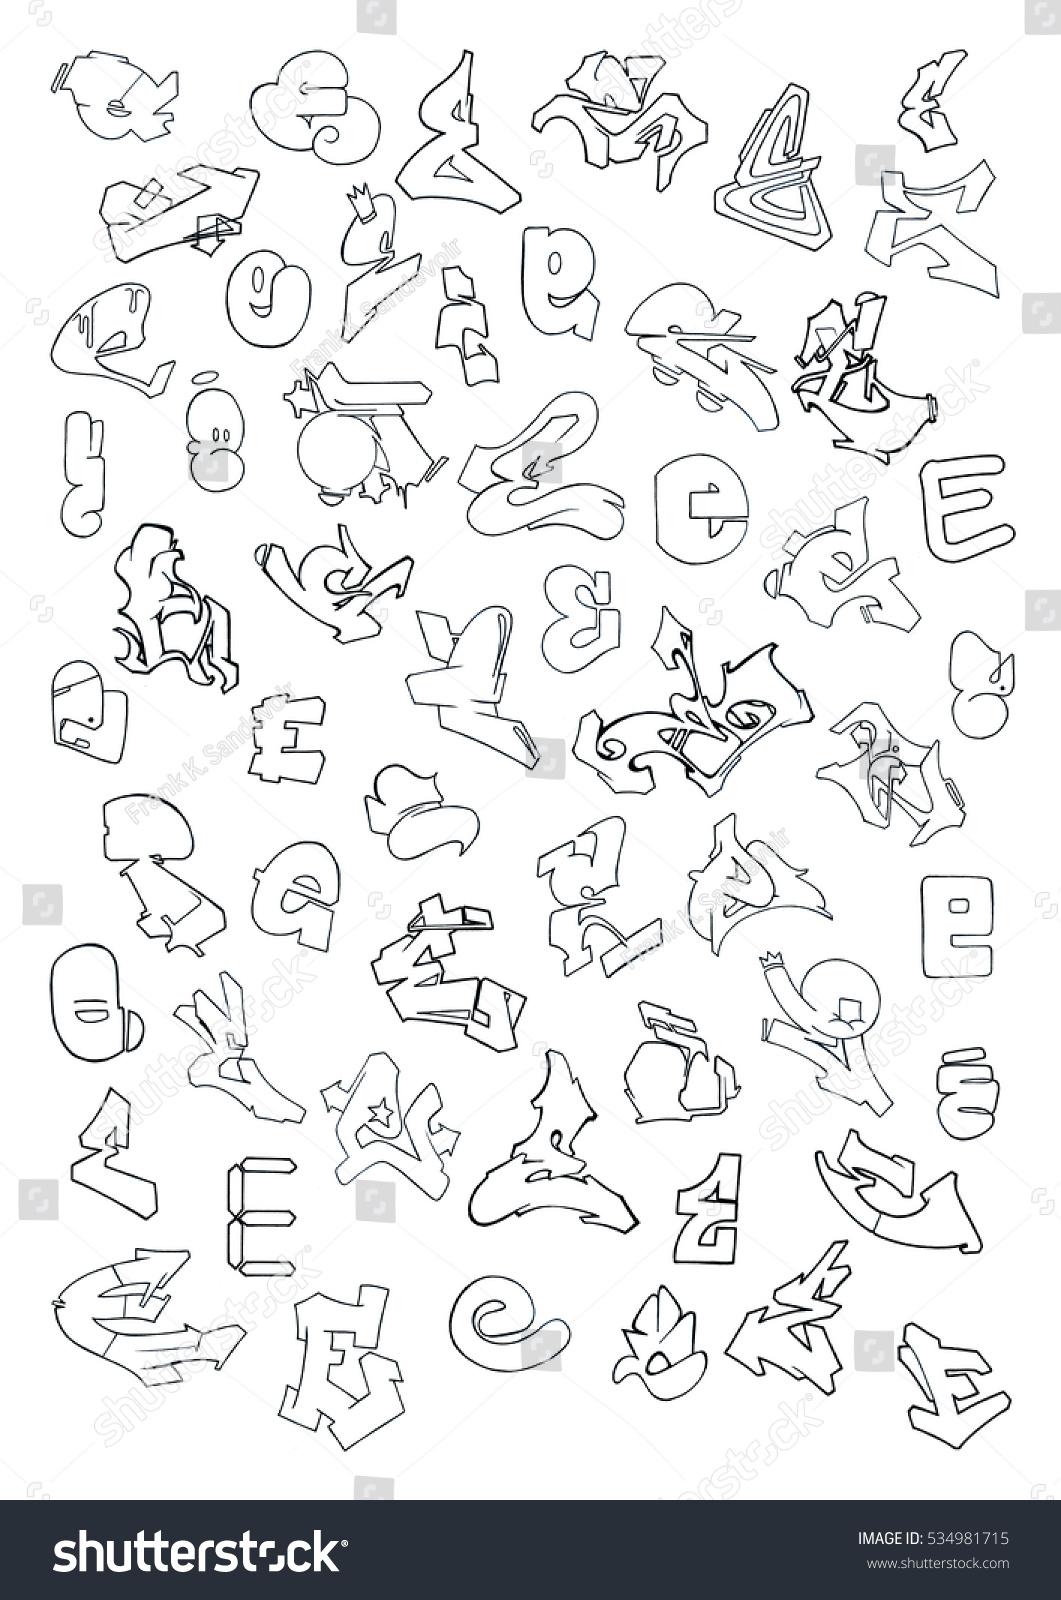 Royalty Free Stock Illustration Of Graffiti Letter E Stock